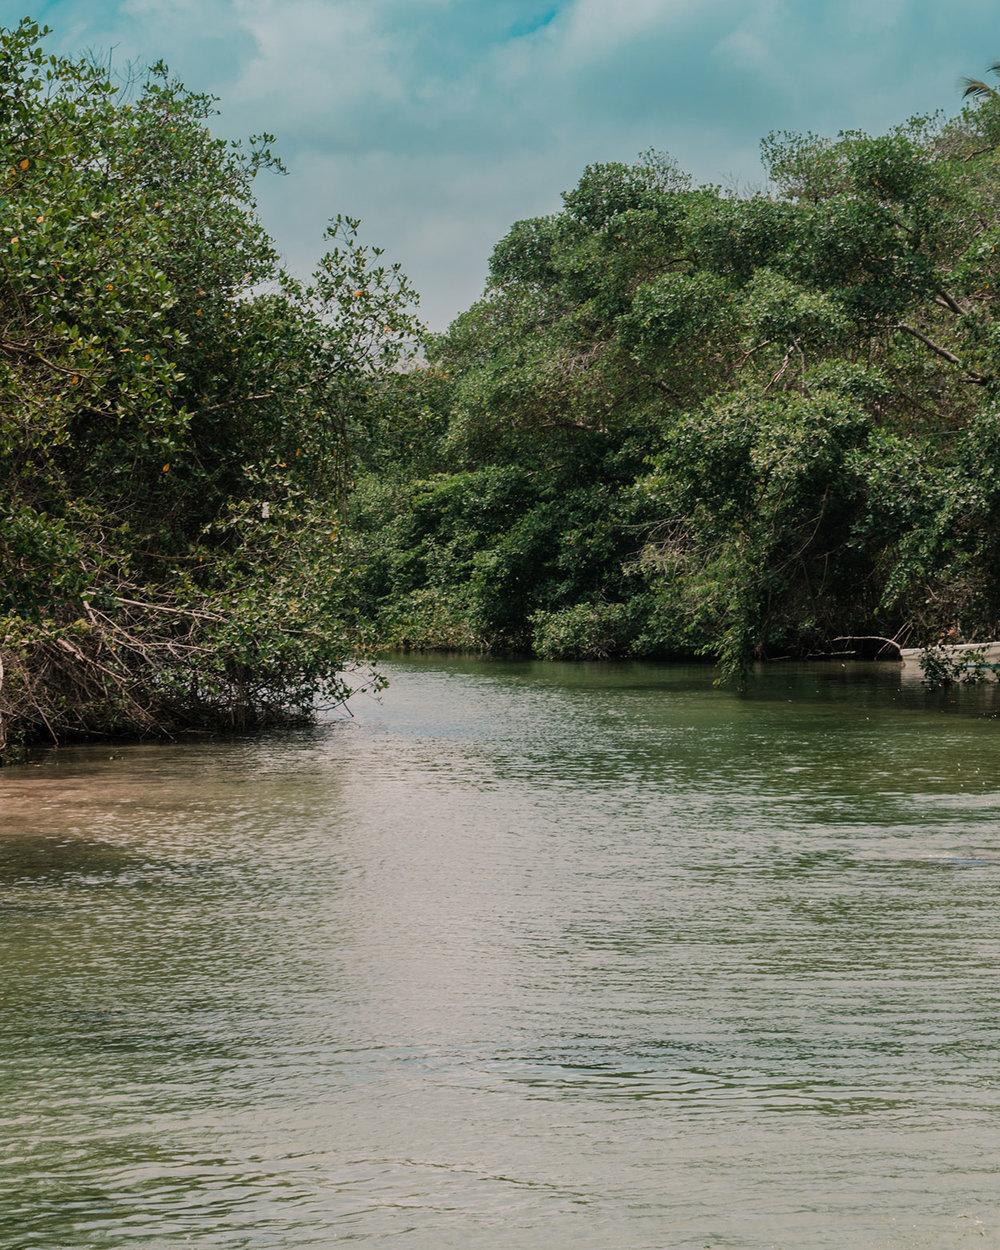 Arroyo Salado | Esta es nuestra guía completa de viaje a Cabrera y la Laguna Dudú; desde dónde ir, cómo llegar, y presupuesto. Definitivamente, la  República Dominicana lo tiene todo, lo comprobé en este viaje.